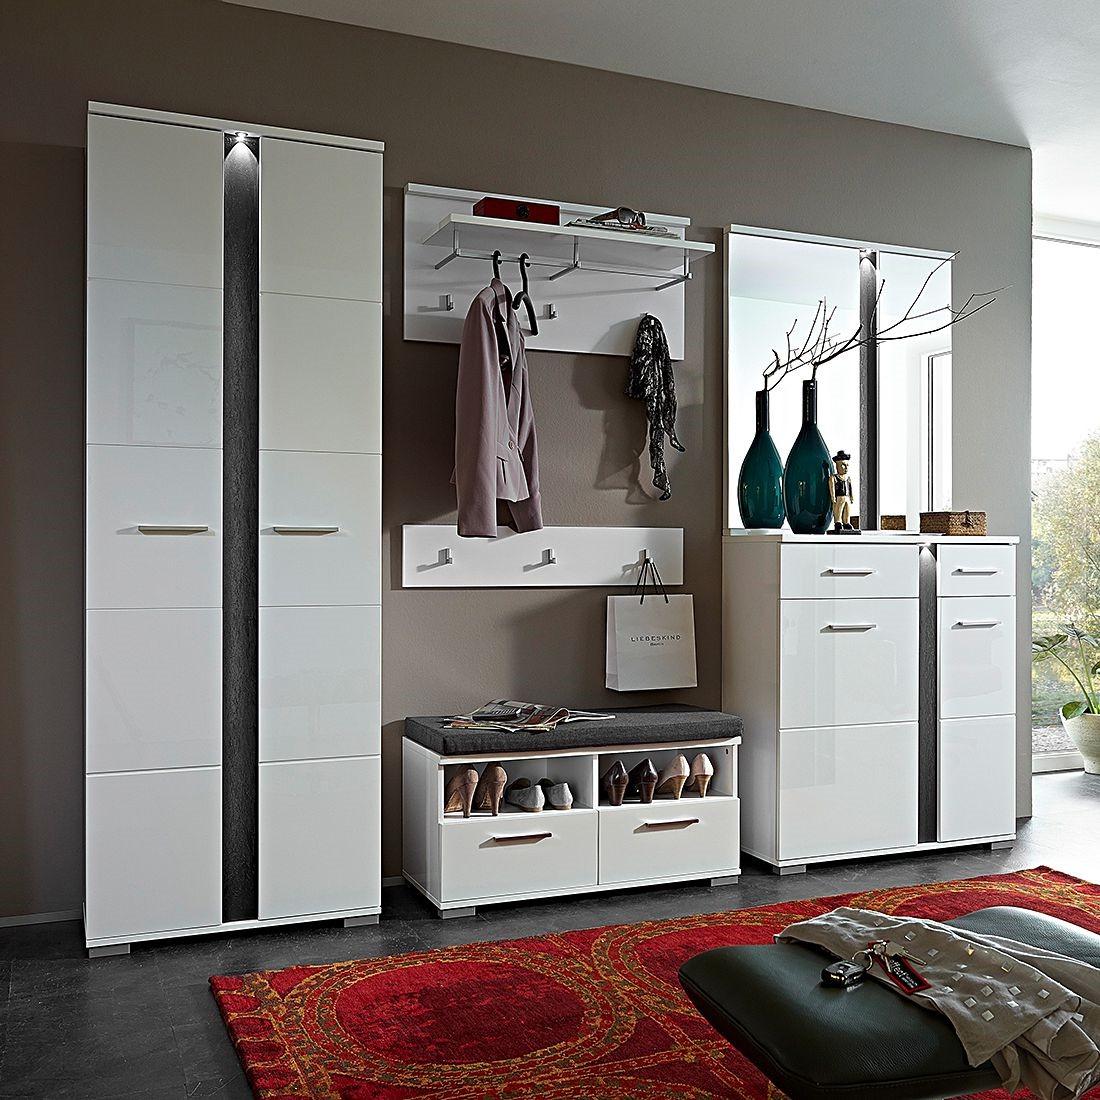 13 sparen schuhbank campo von loftscape nur 129 99 cherry m bel home24. Black Bedroom Furniture Sets. Home Design Ideas